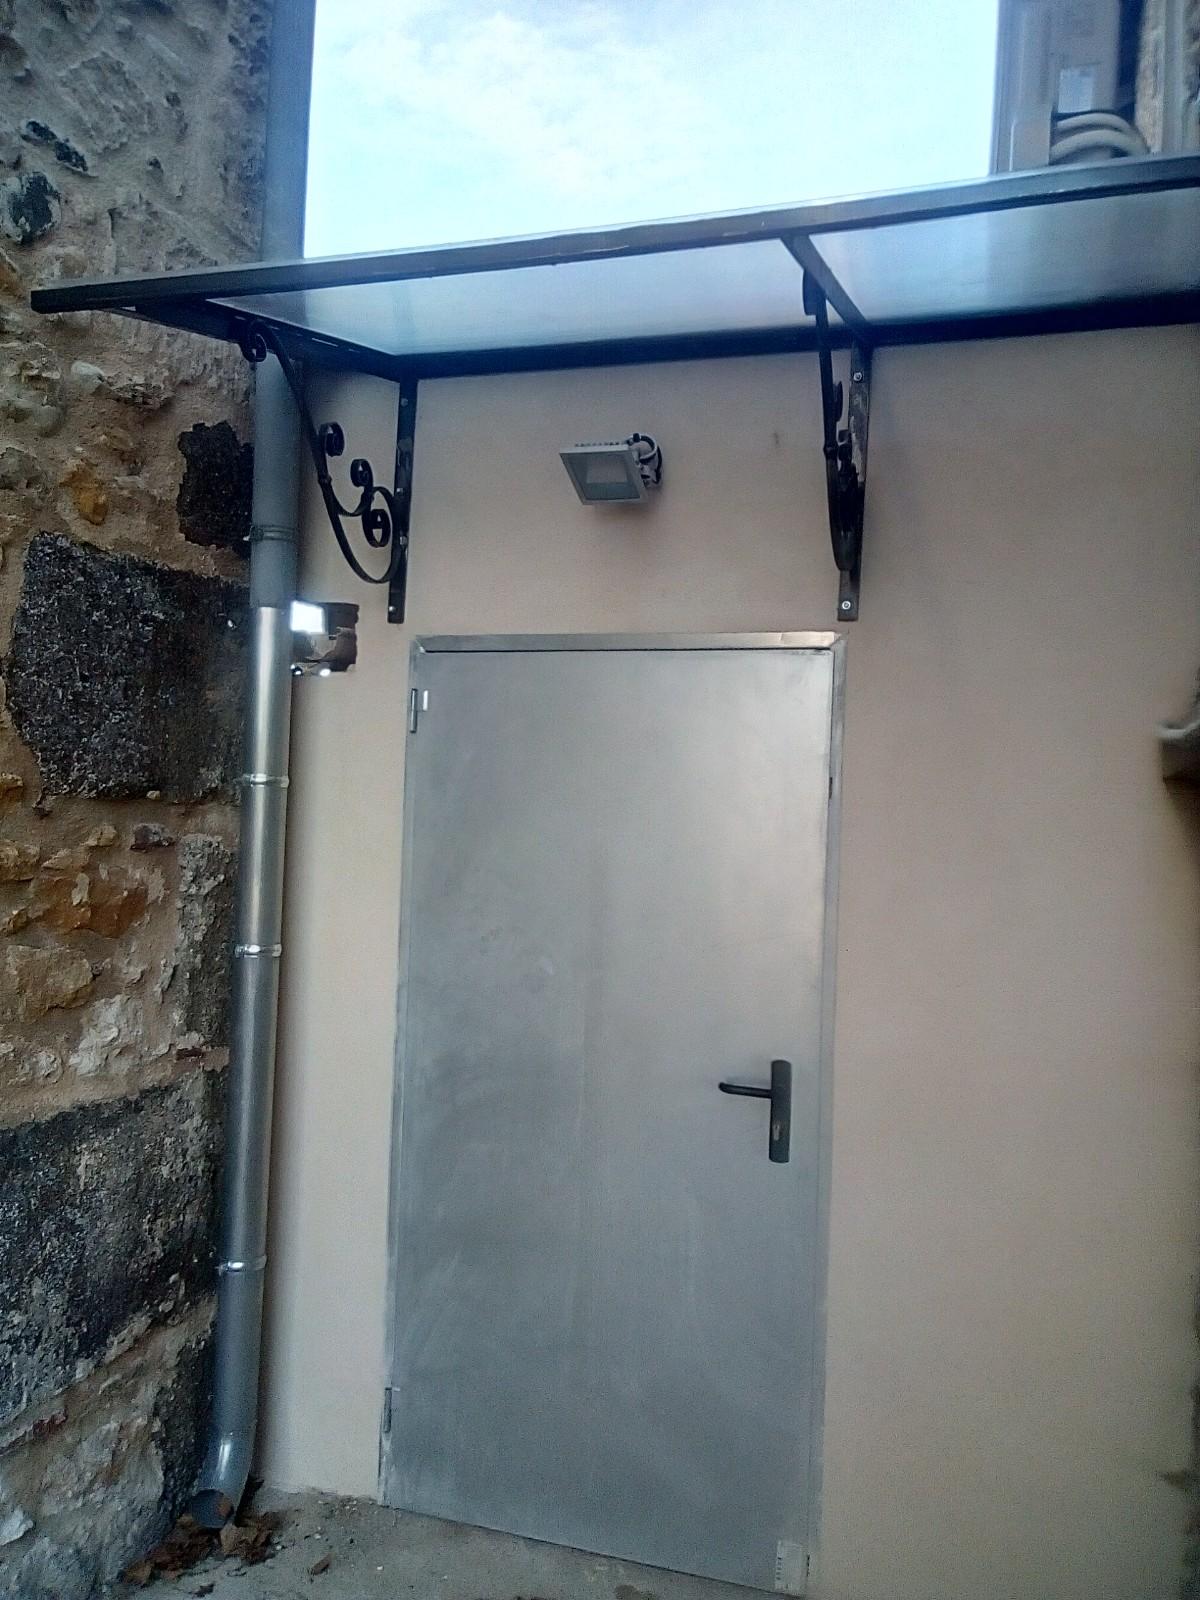 Lavabo Personne Mobilité Réduite création d'un sanitaire accessible, salle des fêtes